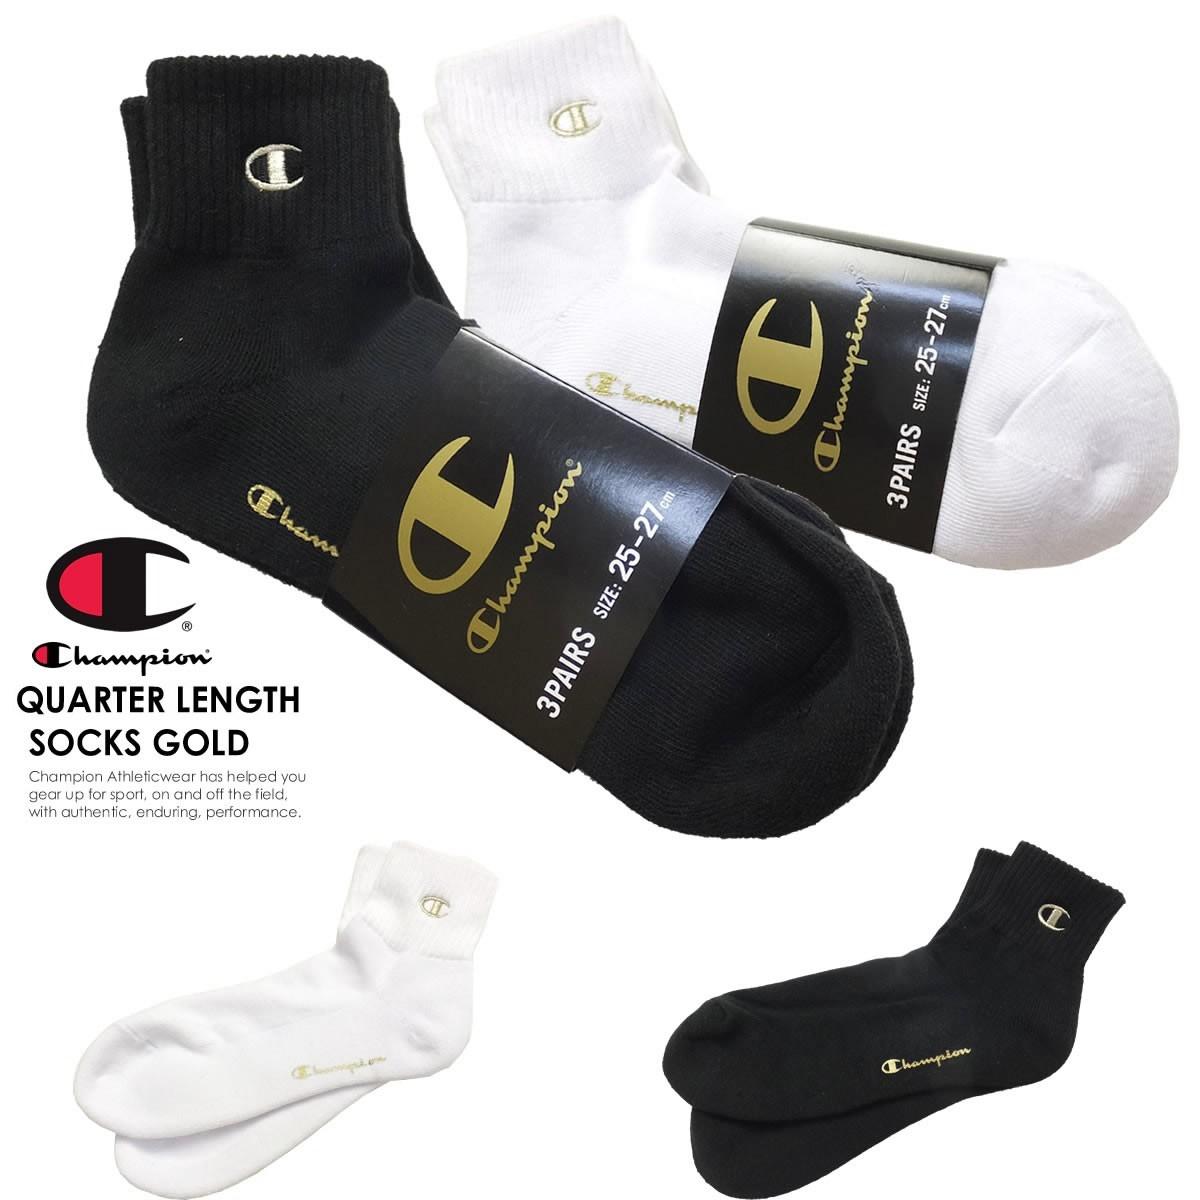 Champion (チャンピオン) クルーソックス メンズ 靴下 3足組 クォーターレングスソックス ソリッド 3P (C1-1706)